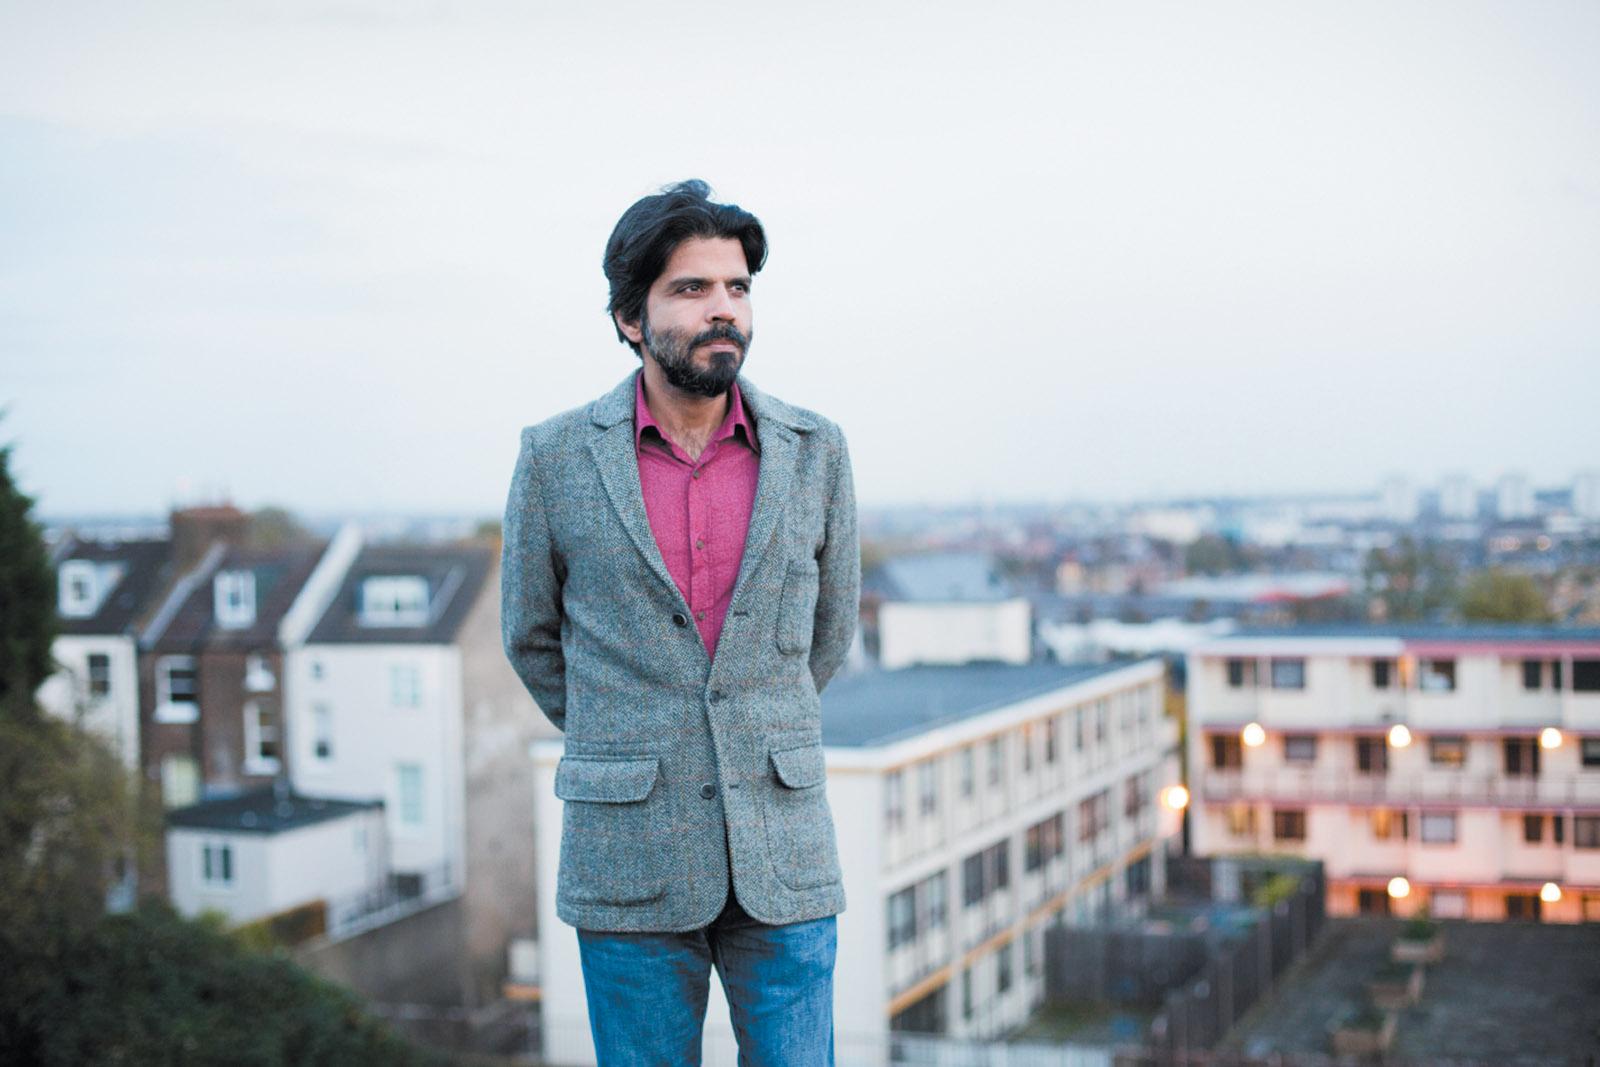 Pankaj Mishra, London, November 2014